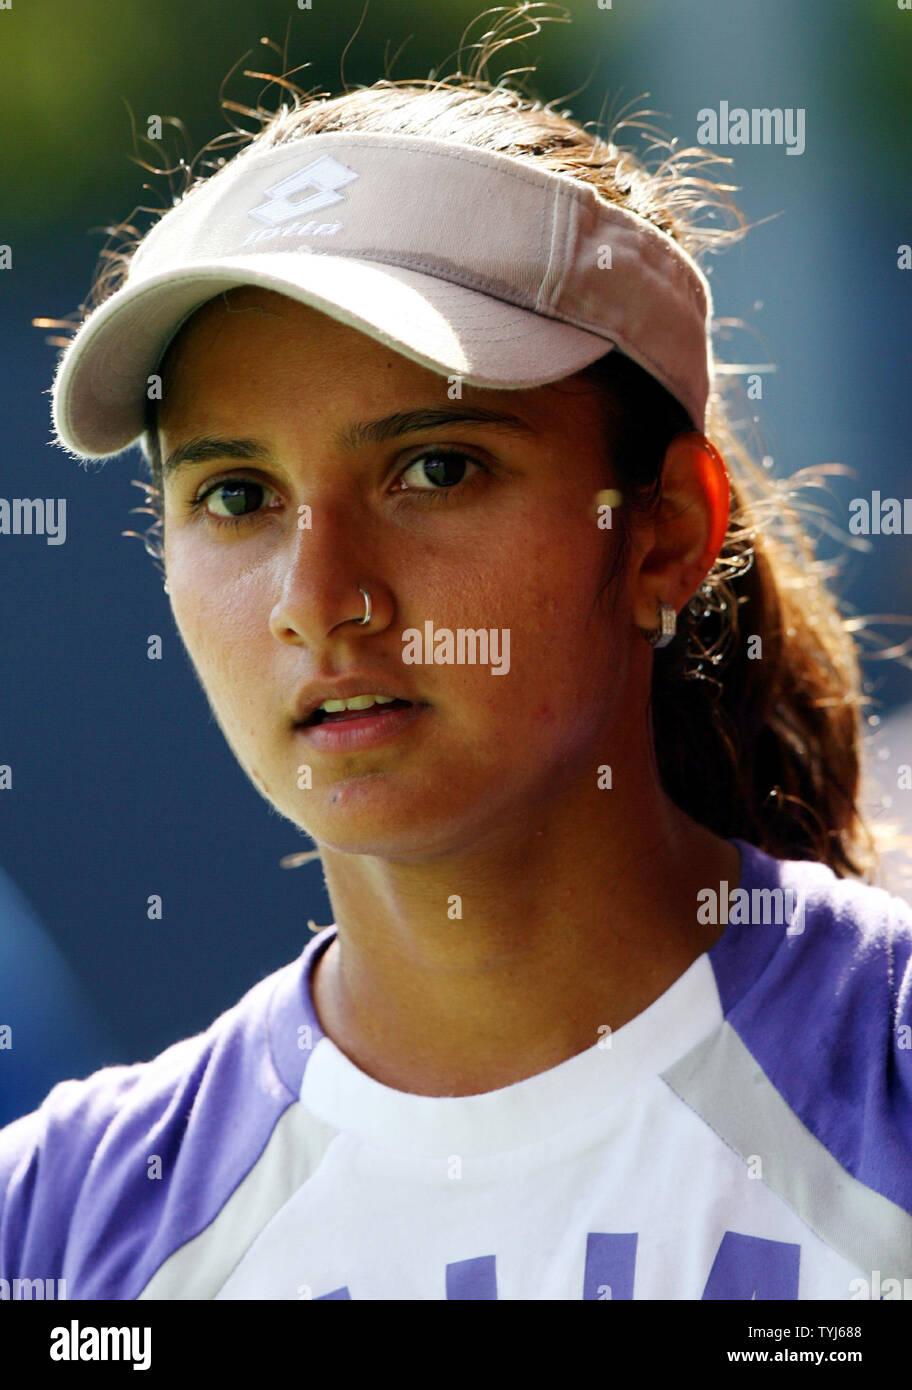 Sania Mirza Stock Photos & Sania Mirza Stock Images - Alamy